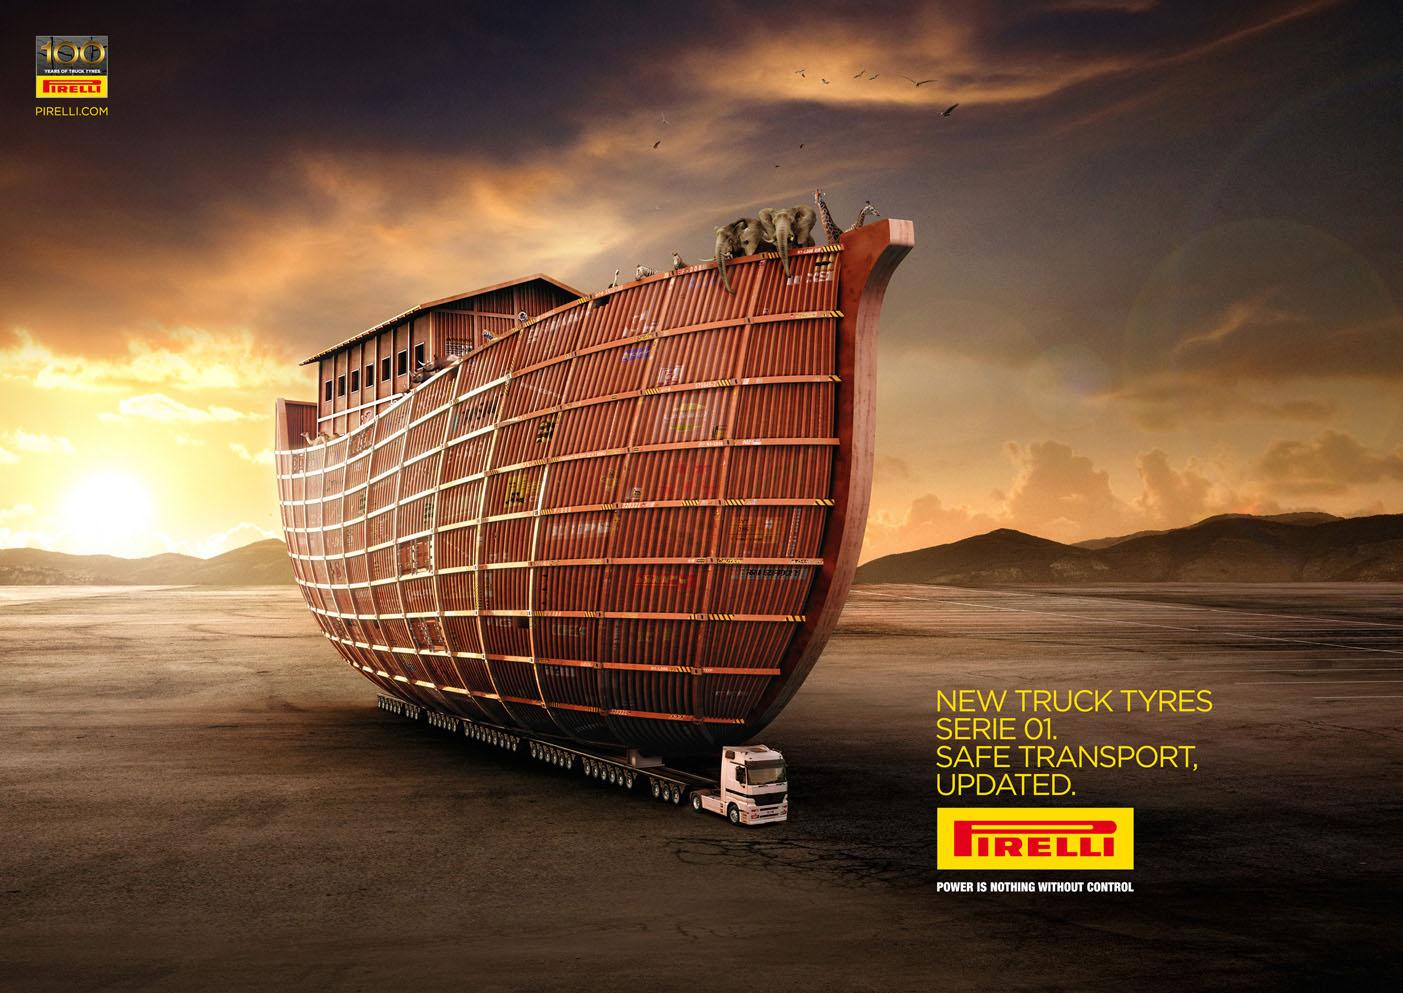 http://4.bp.blogspot.com/-QCfjp36wBpM/Tntw1ZZ5_PI/AAAAAAAAUIE/Od6JRNP4CVs/s1600/pirelli-truck-the-ark.jpg